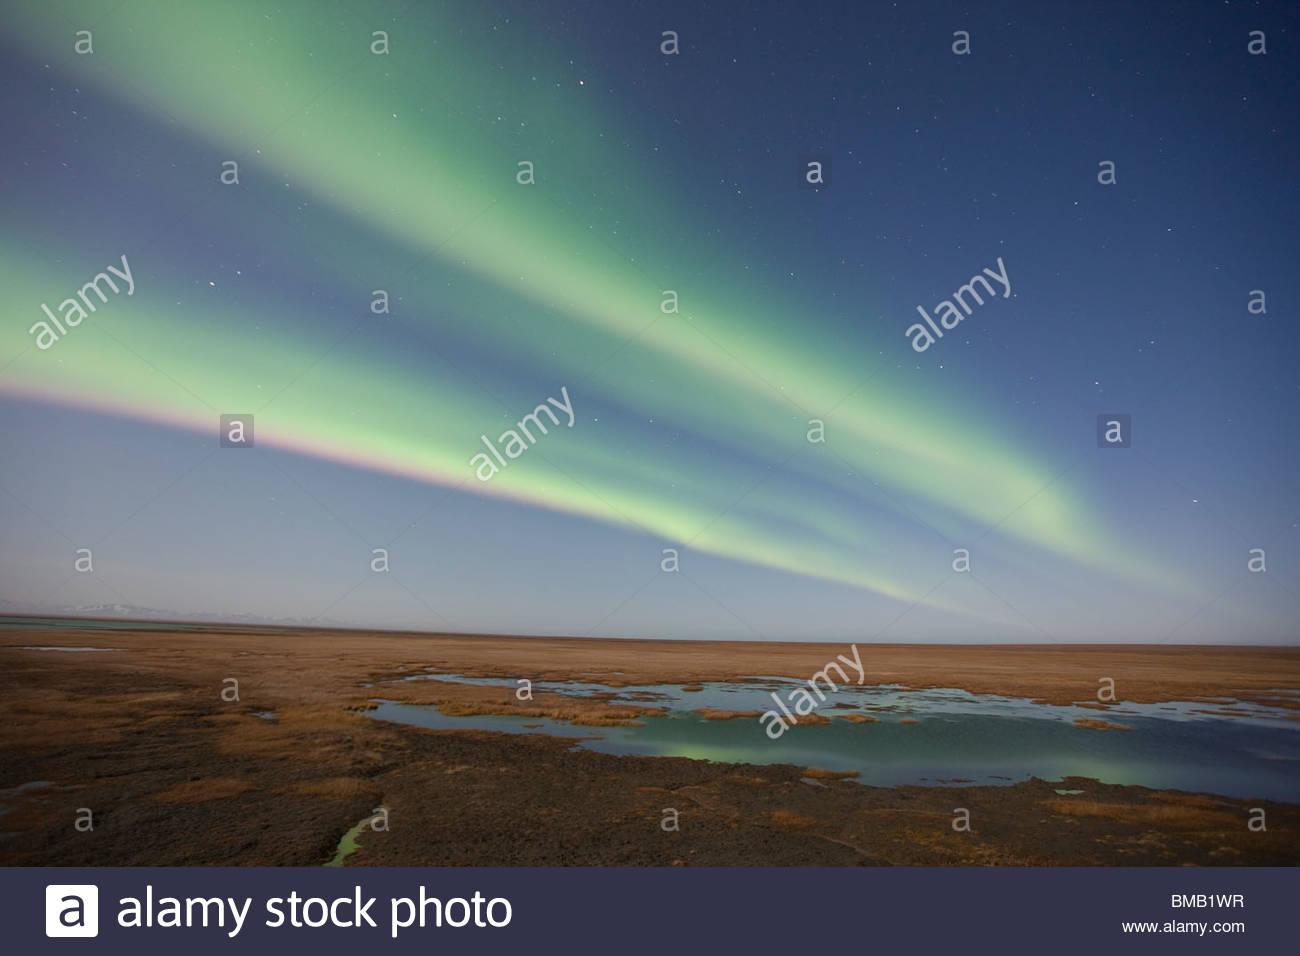 Les rideaux de couleur des aurores boréales danser dans le ciel nocturne au-dessus de la toundra arctique, Photo Stock